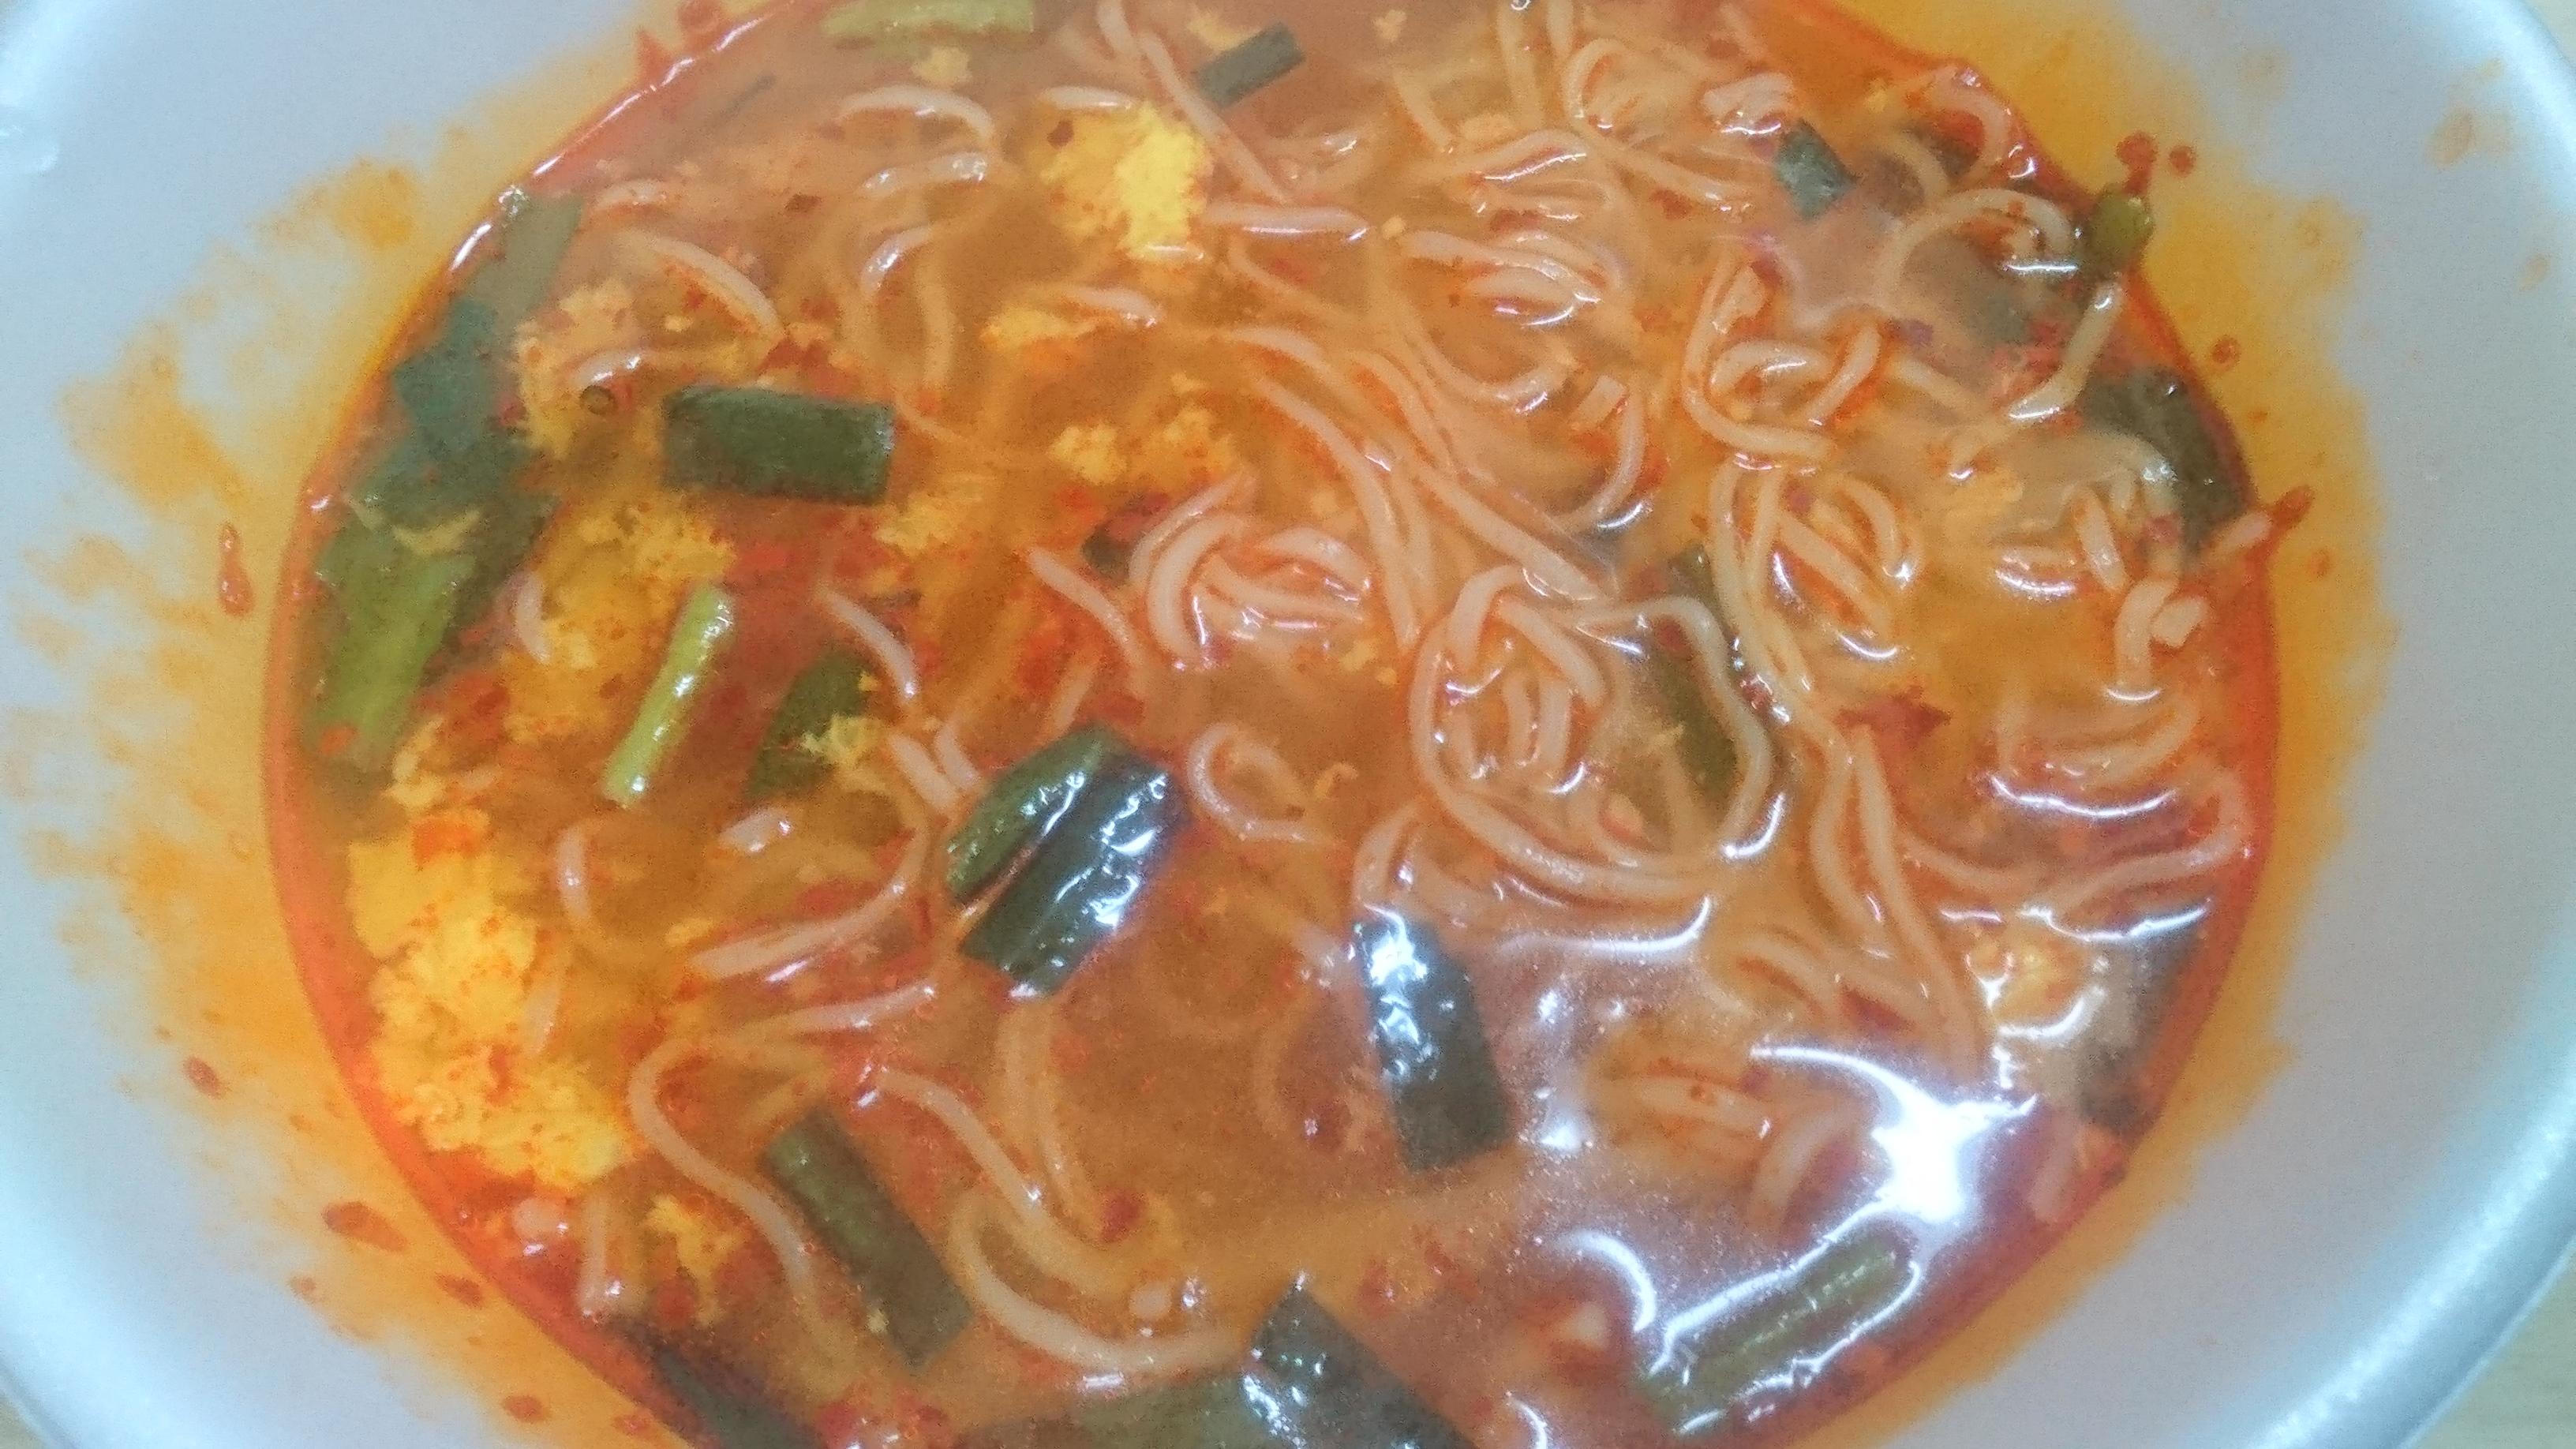 液体スープを入れてかき混ぜた後